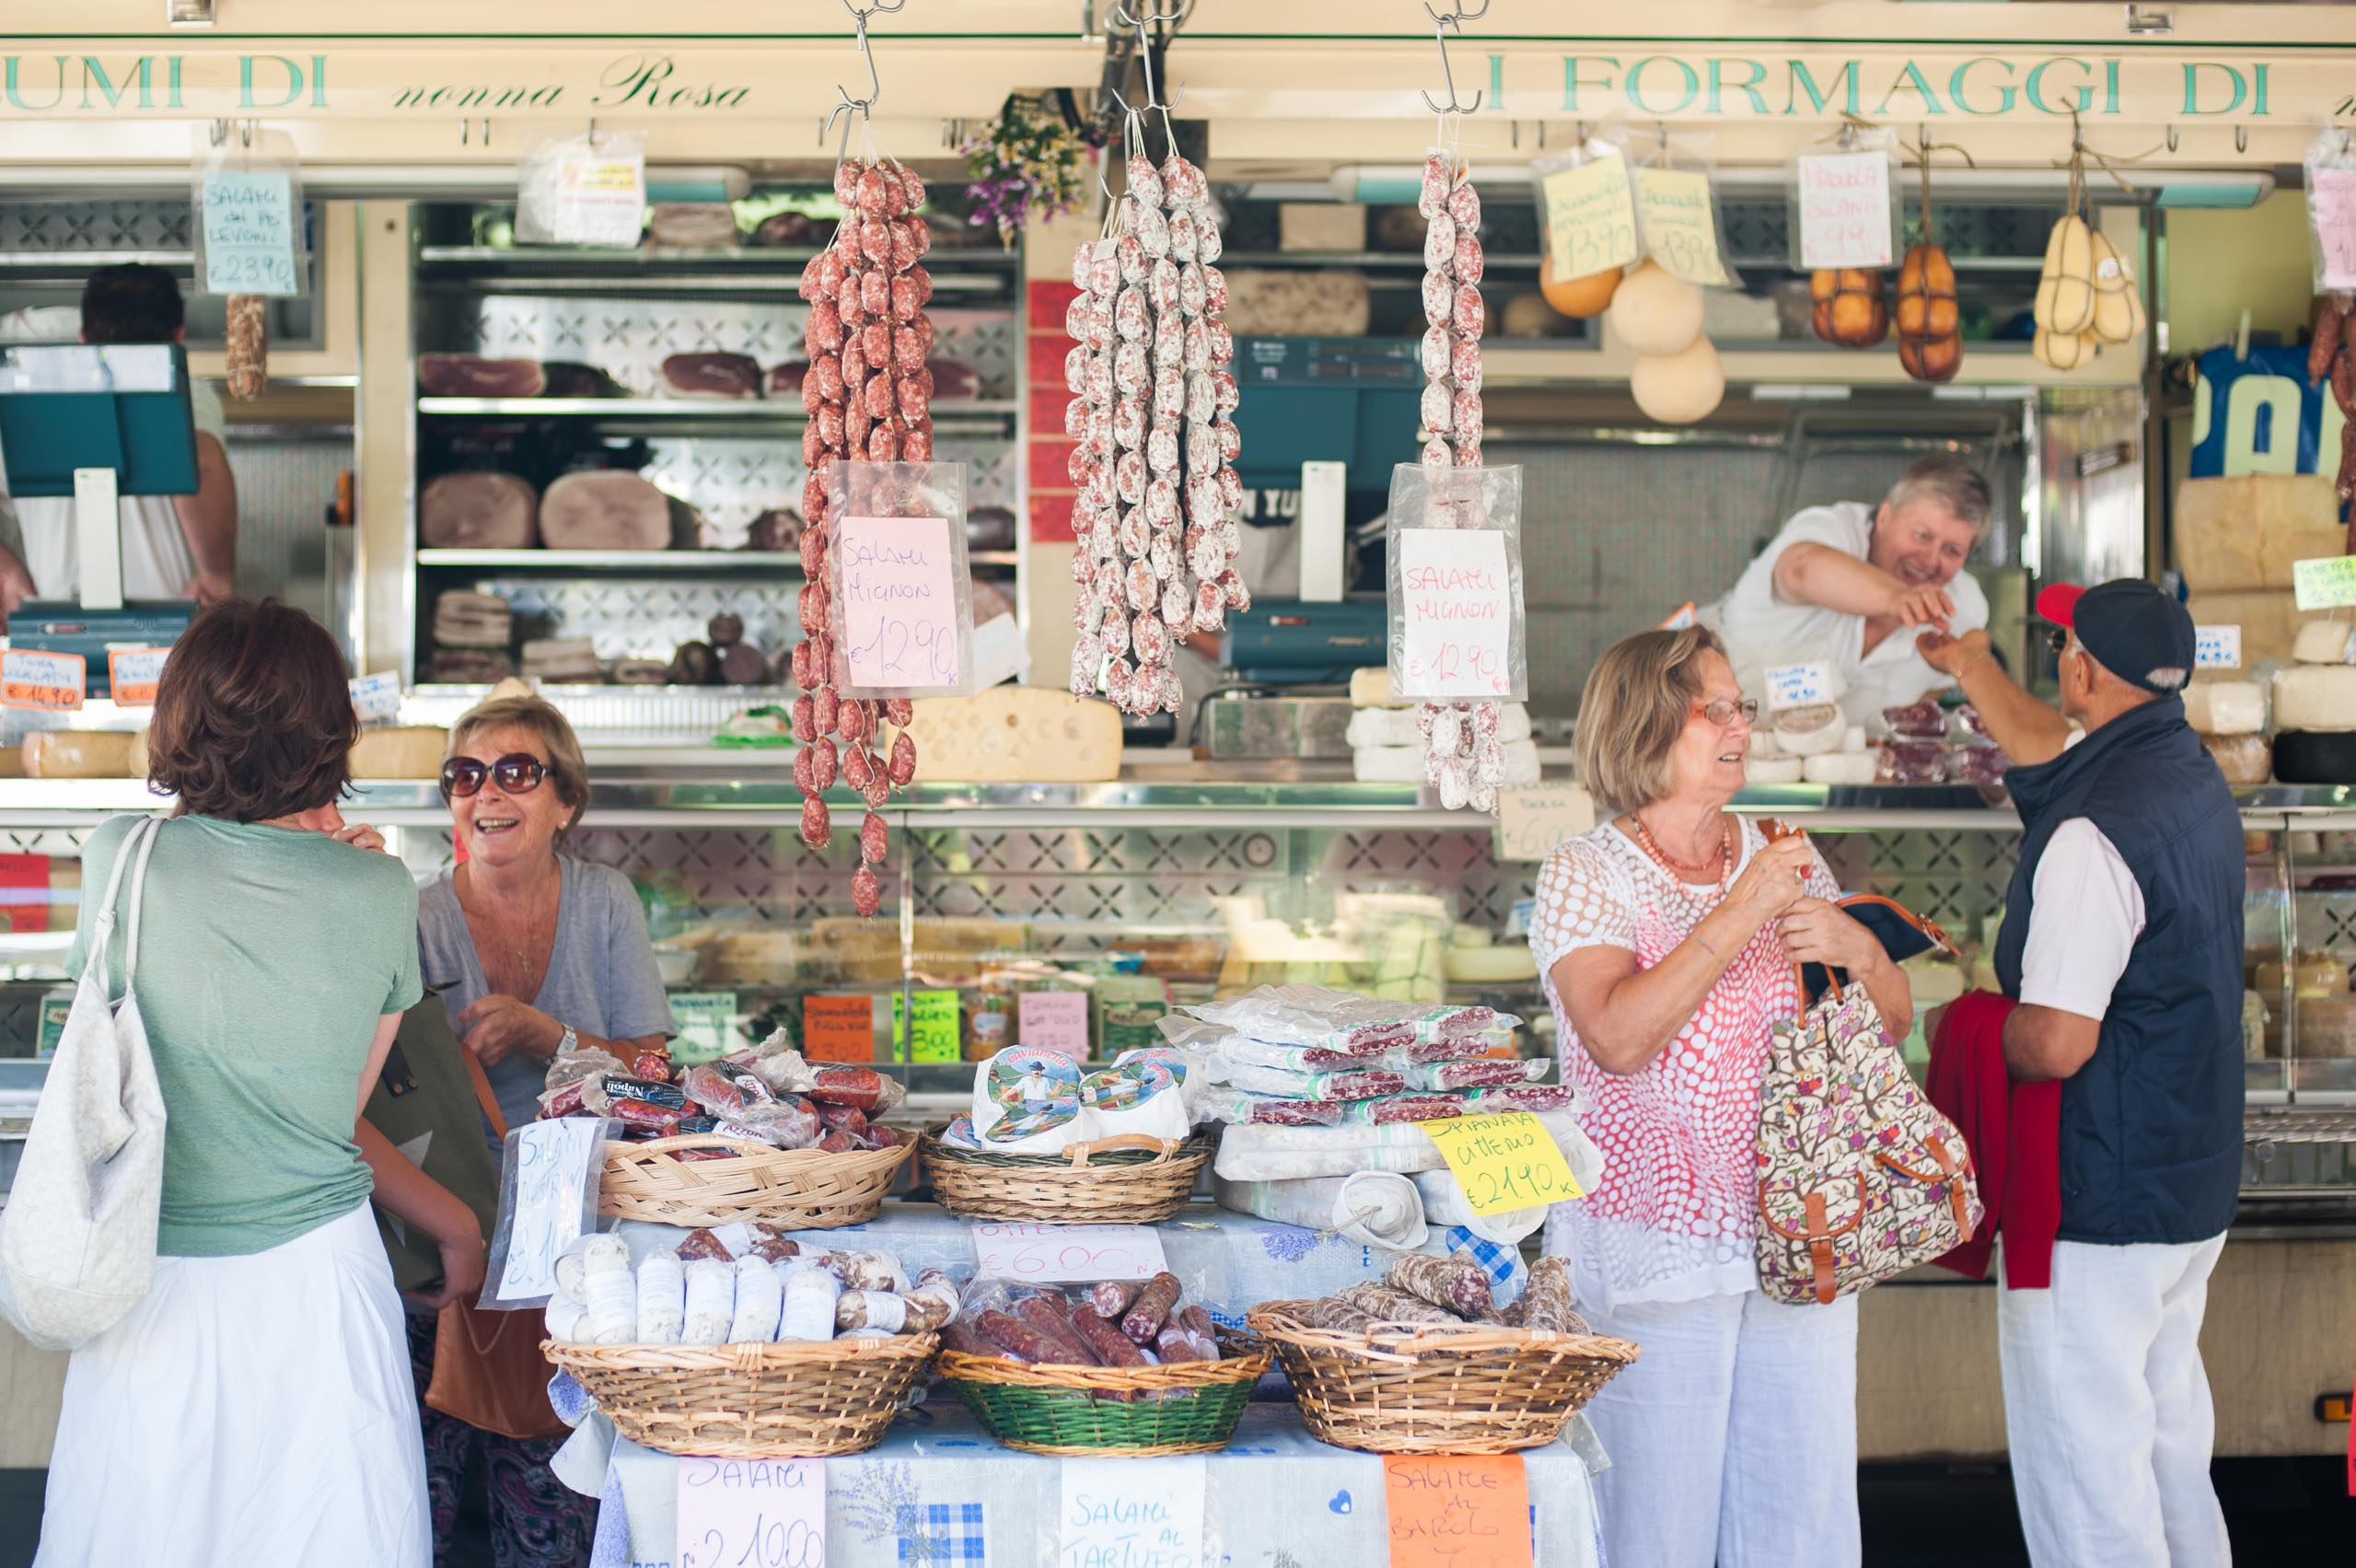 Farmers Market Cannobio Lake Maggiore Italy